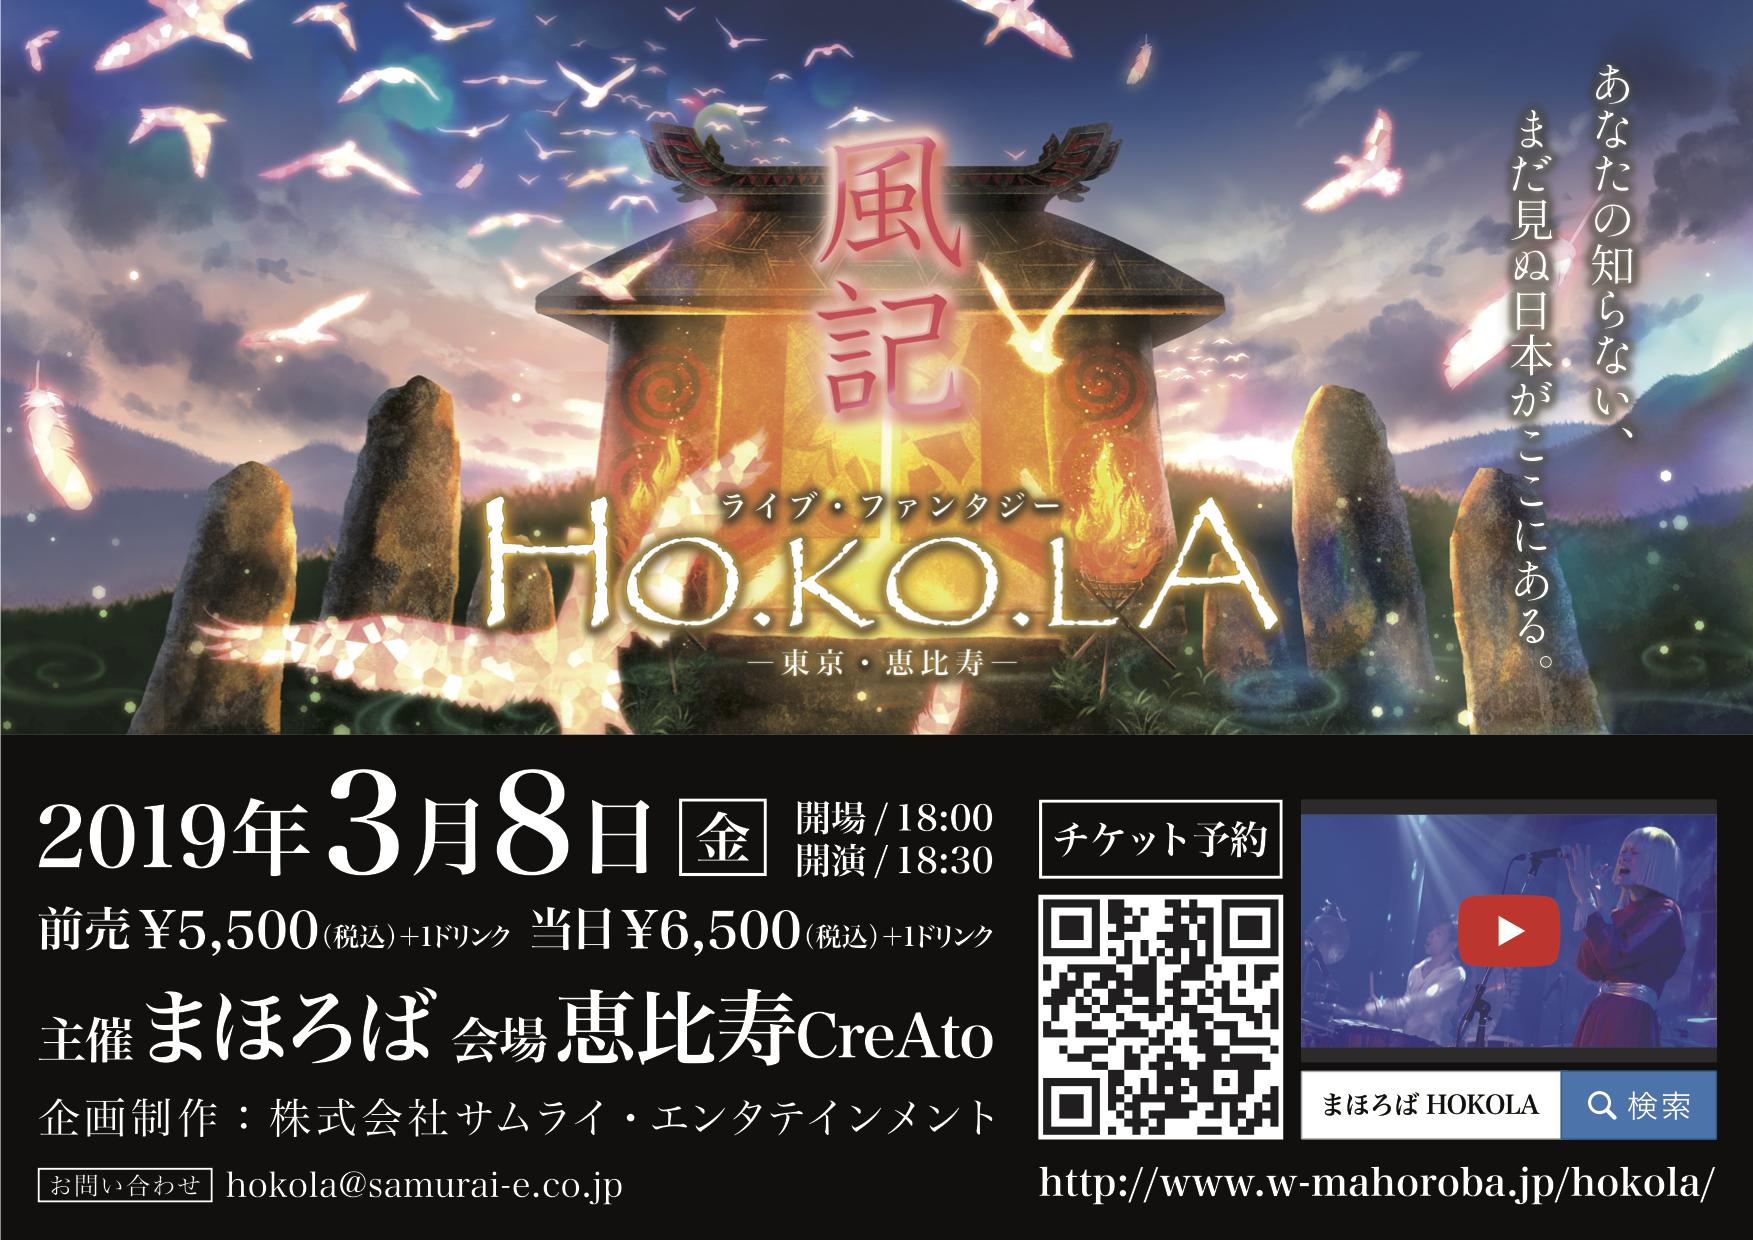 まほろば主催 ライブ・ファンタジー『HO. KO. LA -風記-』